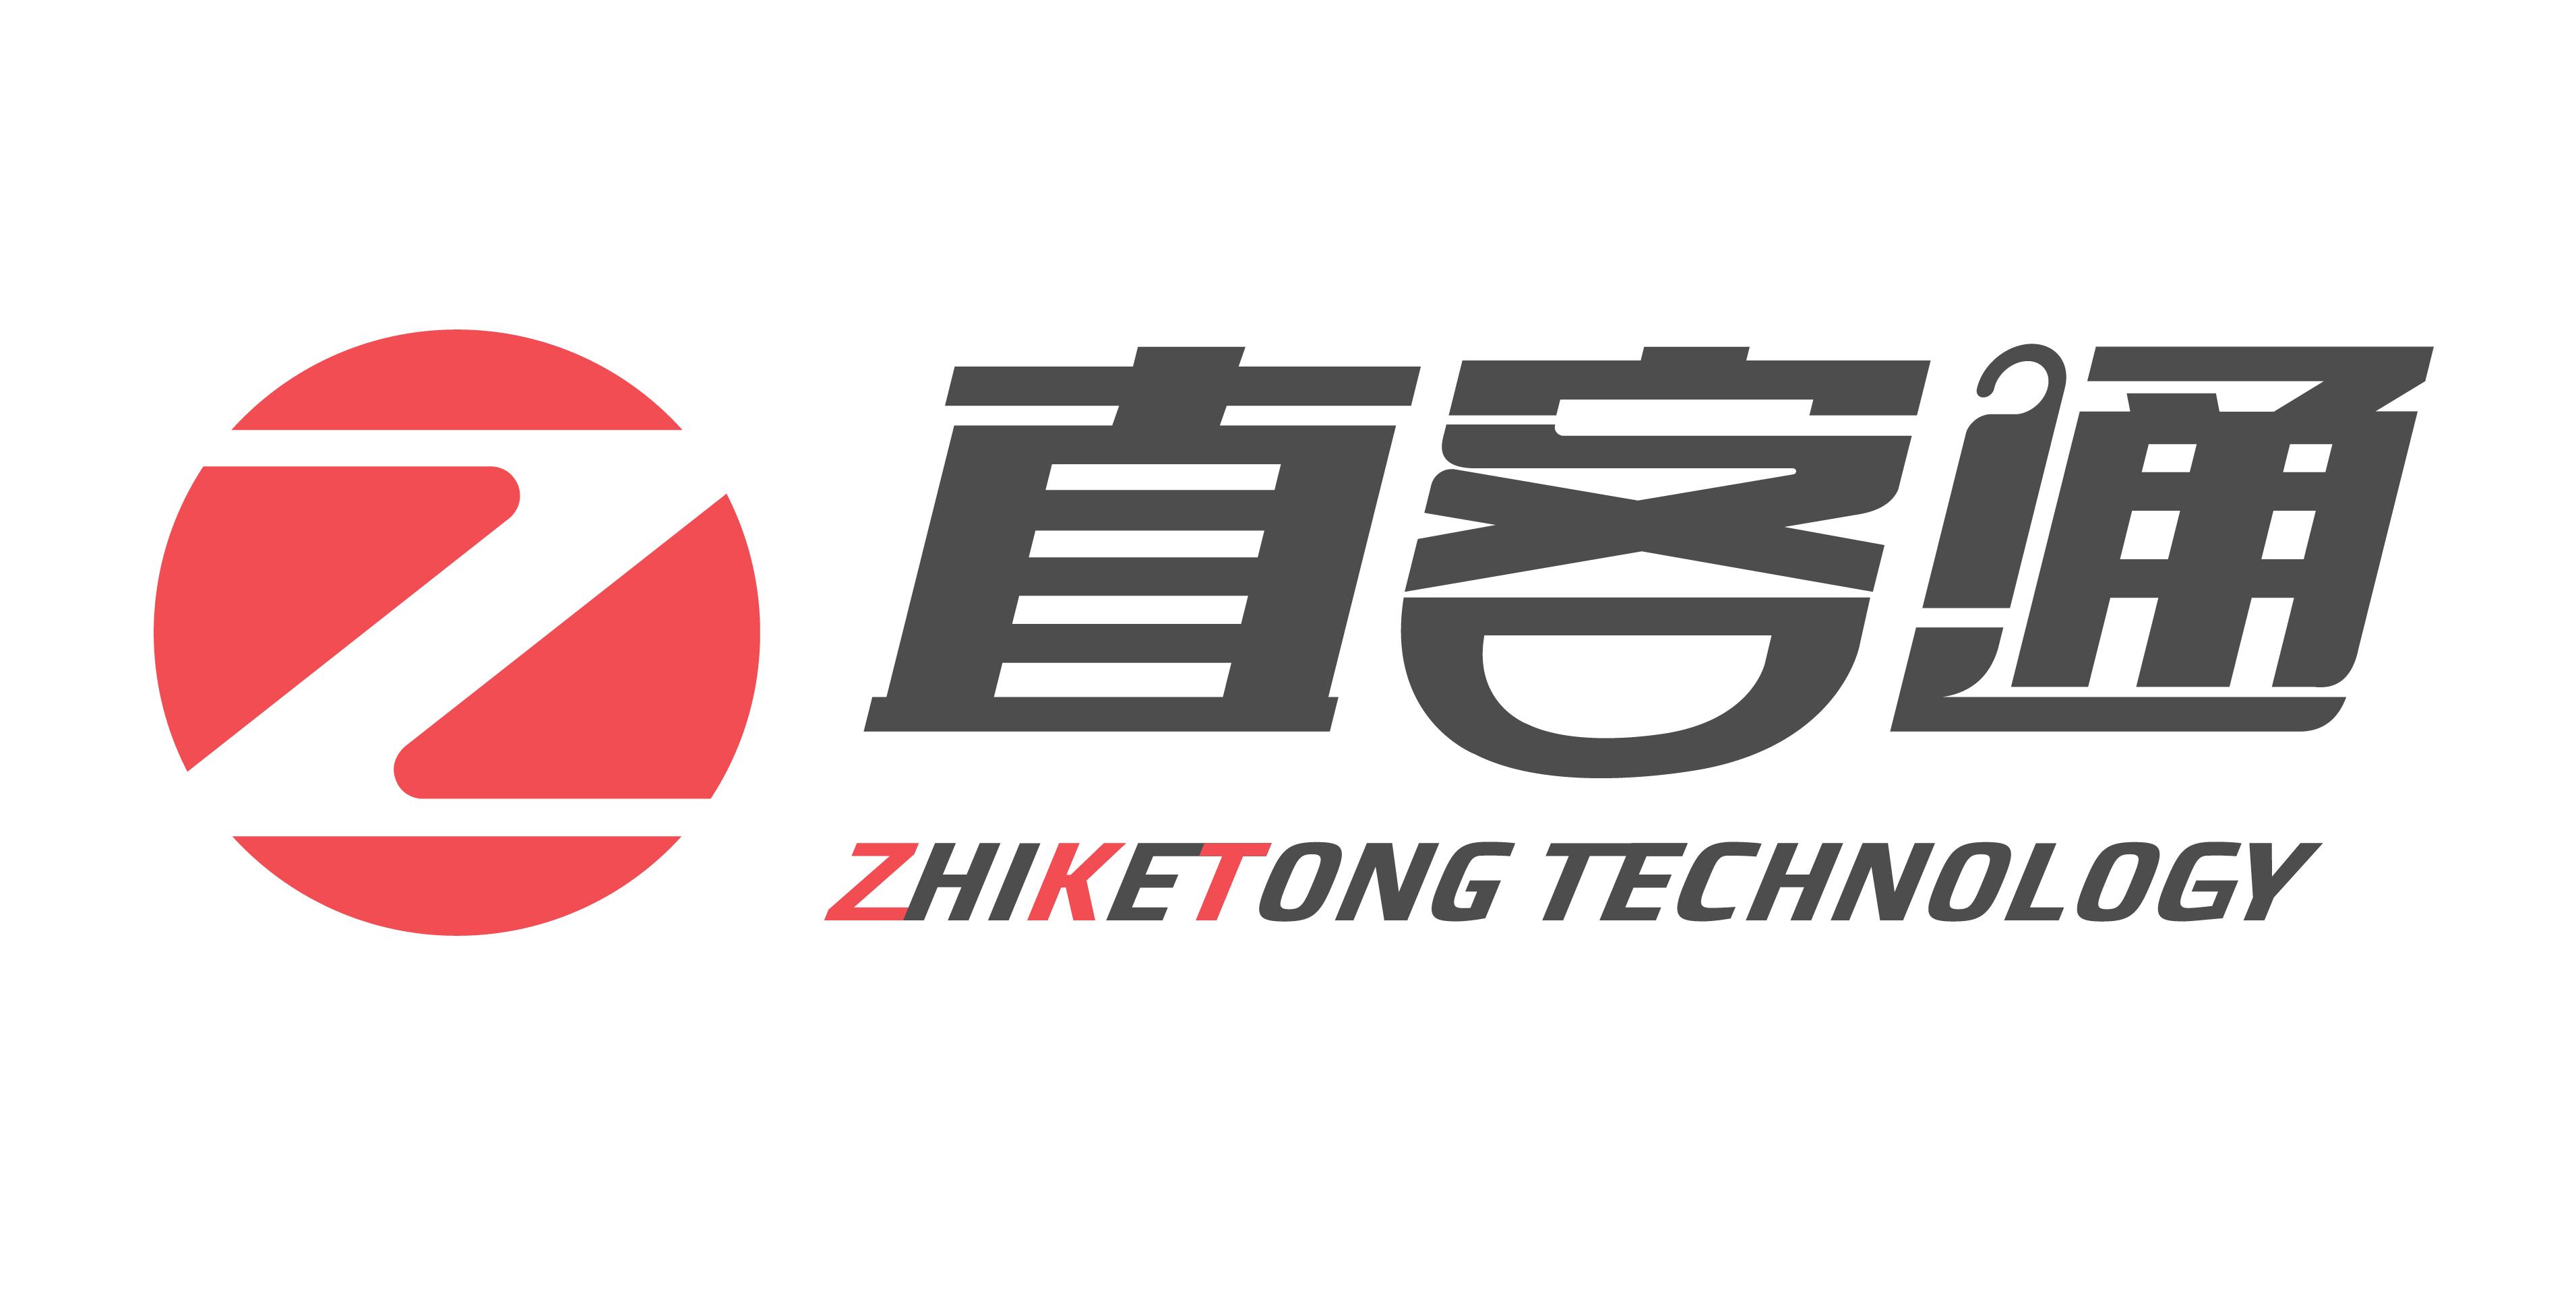 logo logo 标志 设计 矢量 矢量图 素材 图标 3822_1925